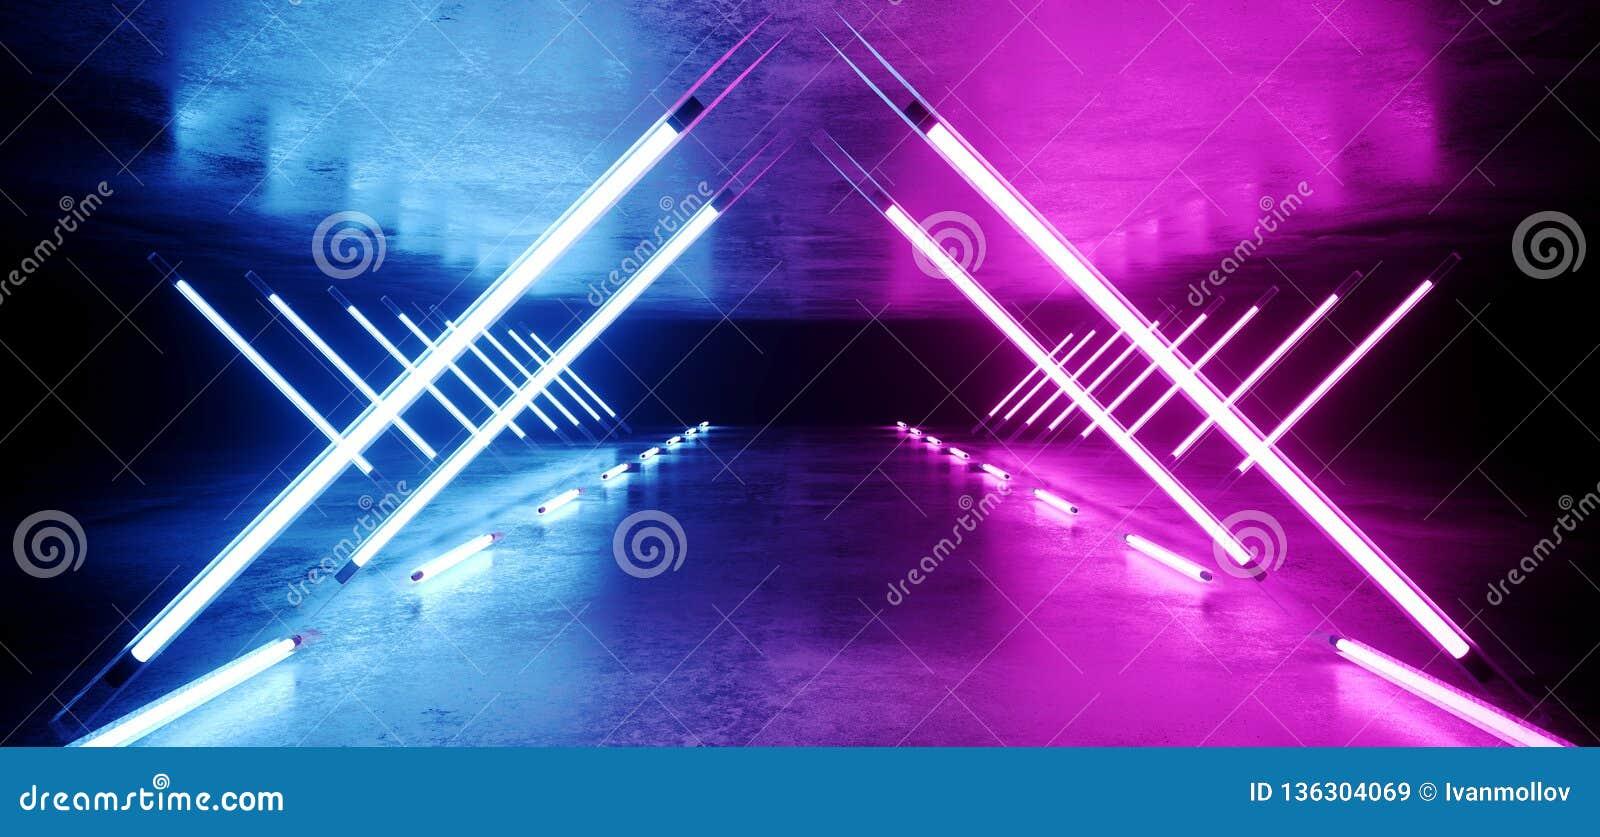 Strada lunga d ardore al neon del tunnel della fase ultravioletta elegante moderna futuristica a forma di di Sci Fi del triangolo